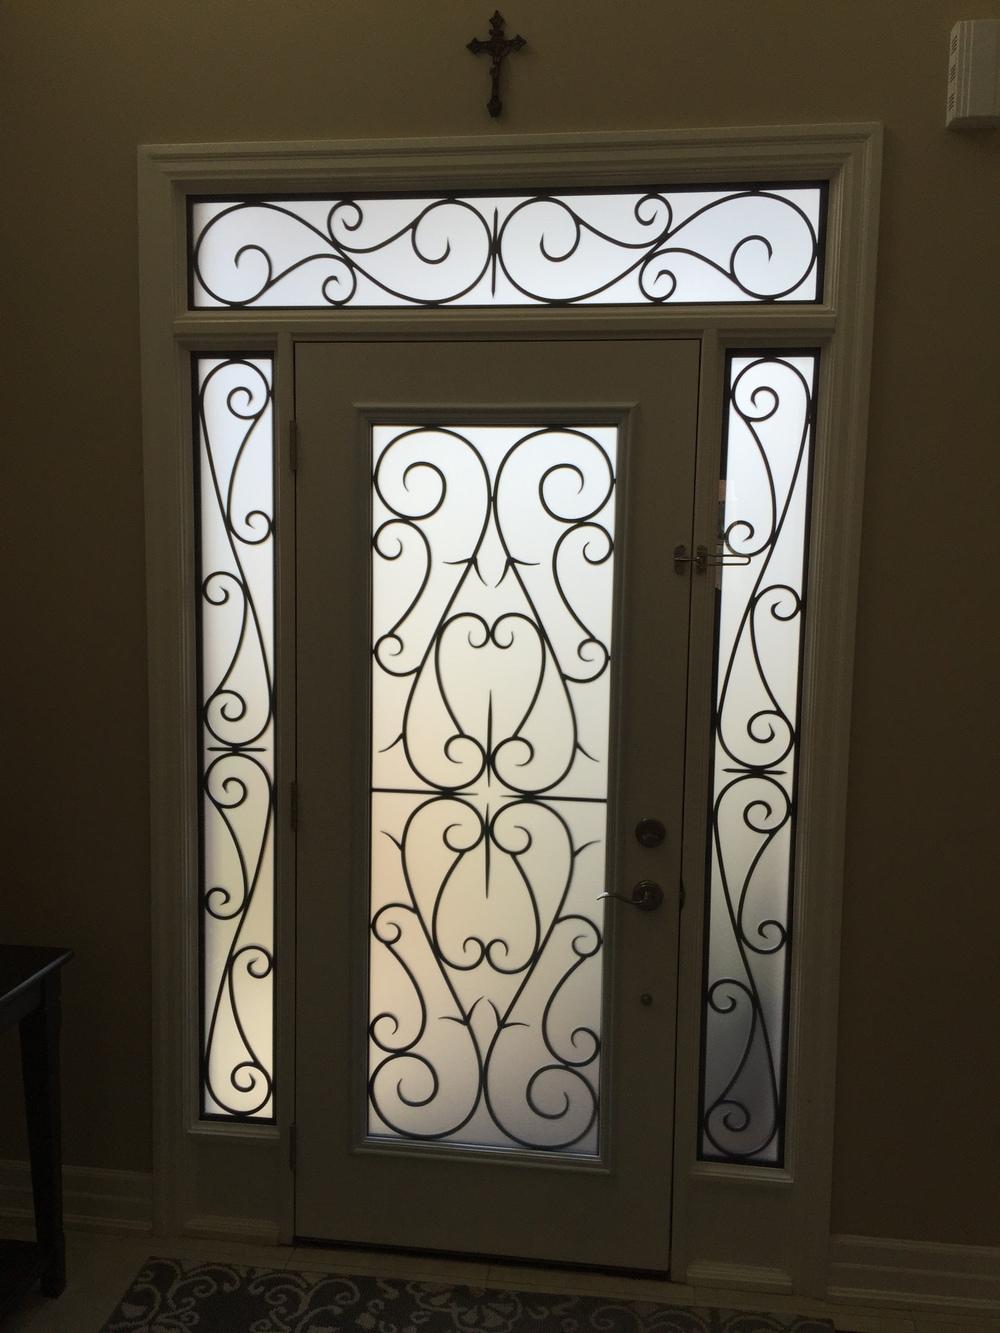 Bristol-Wrought-iron-Glass-Door-Inserts-Barrie-Ontario